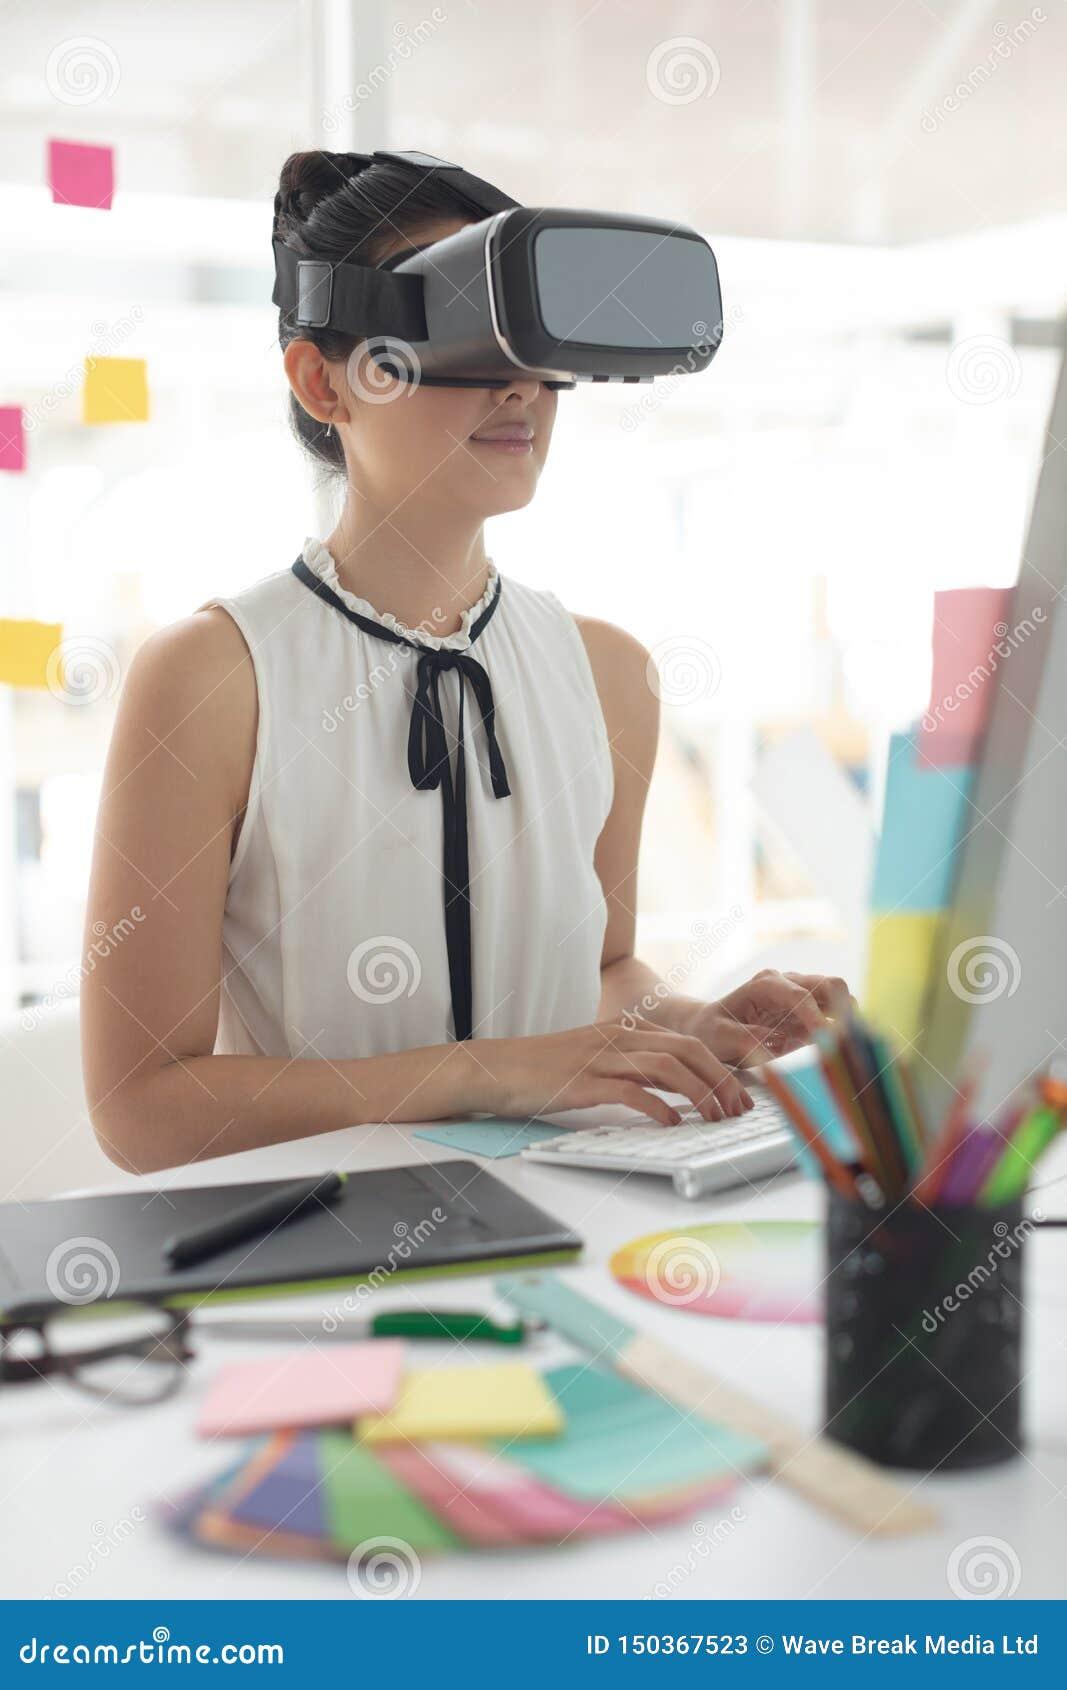 Θηλυκός γραφικός σχεδιαστής που χρησιμοποιεί την κάσκα εικονικής πραγματικότητας εργαζόμενος στον υπολογιστή στο γραφείο